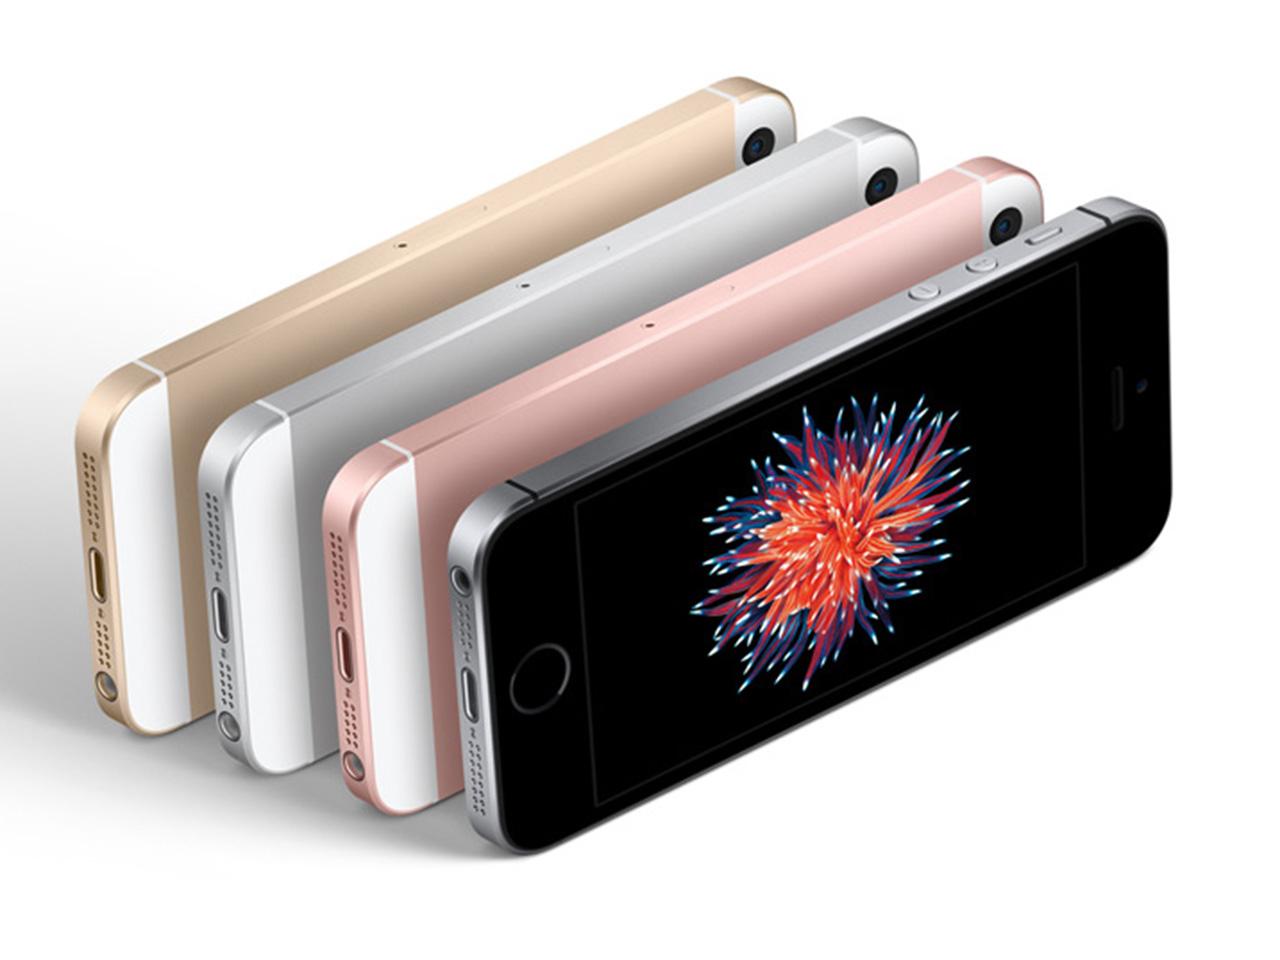 Apple iPhone SE 32GB alle Farben für 320€ [mobilcom-debitel] *UPDATE NEUER PREIS*